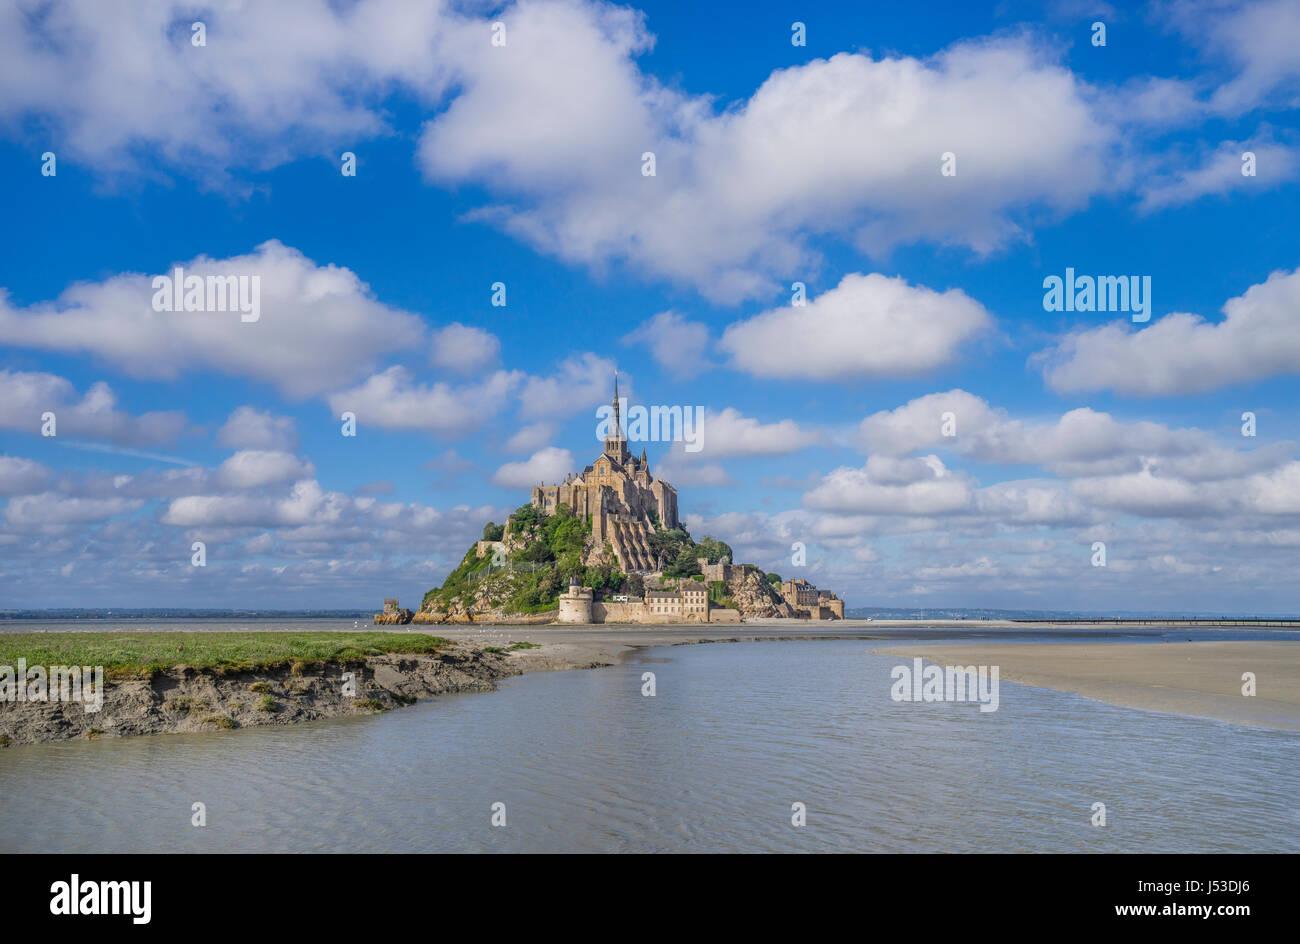 Francia, Normandía, vistas del Mont Saint-Michel en el estuario del río Couesnon Foto de stock